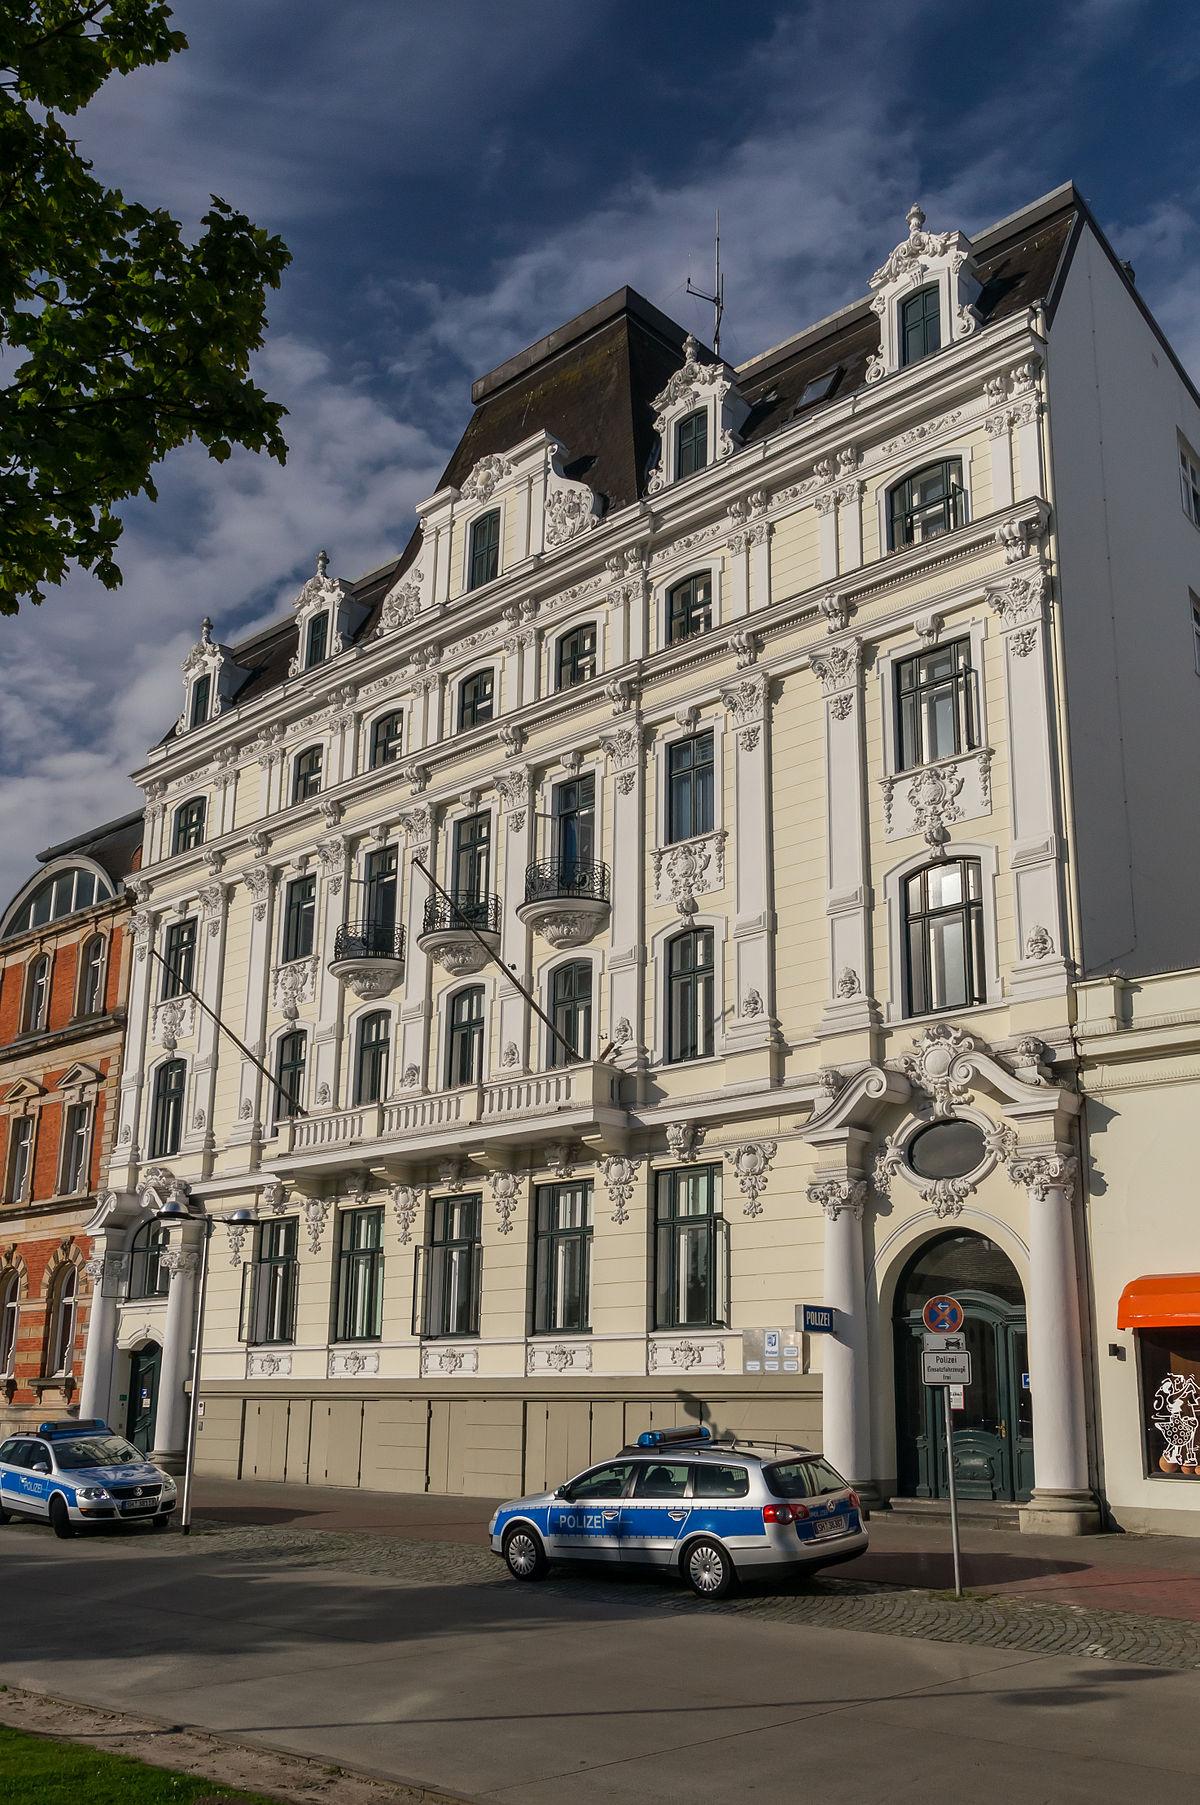 Flensburger Hof Hotel